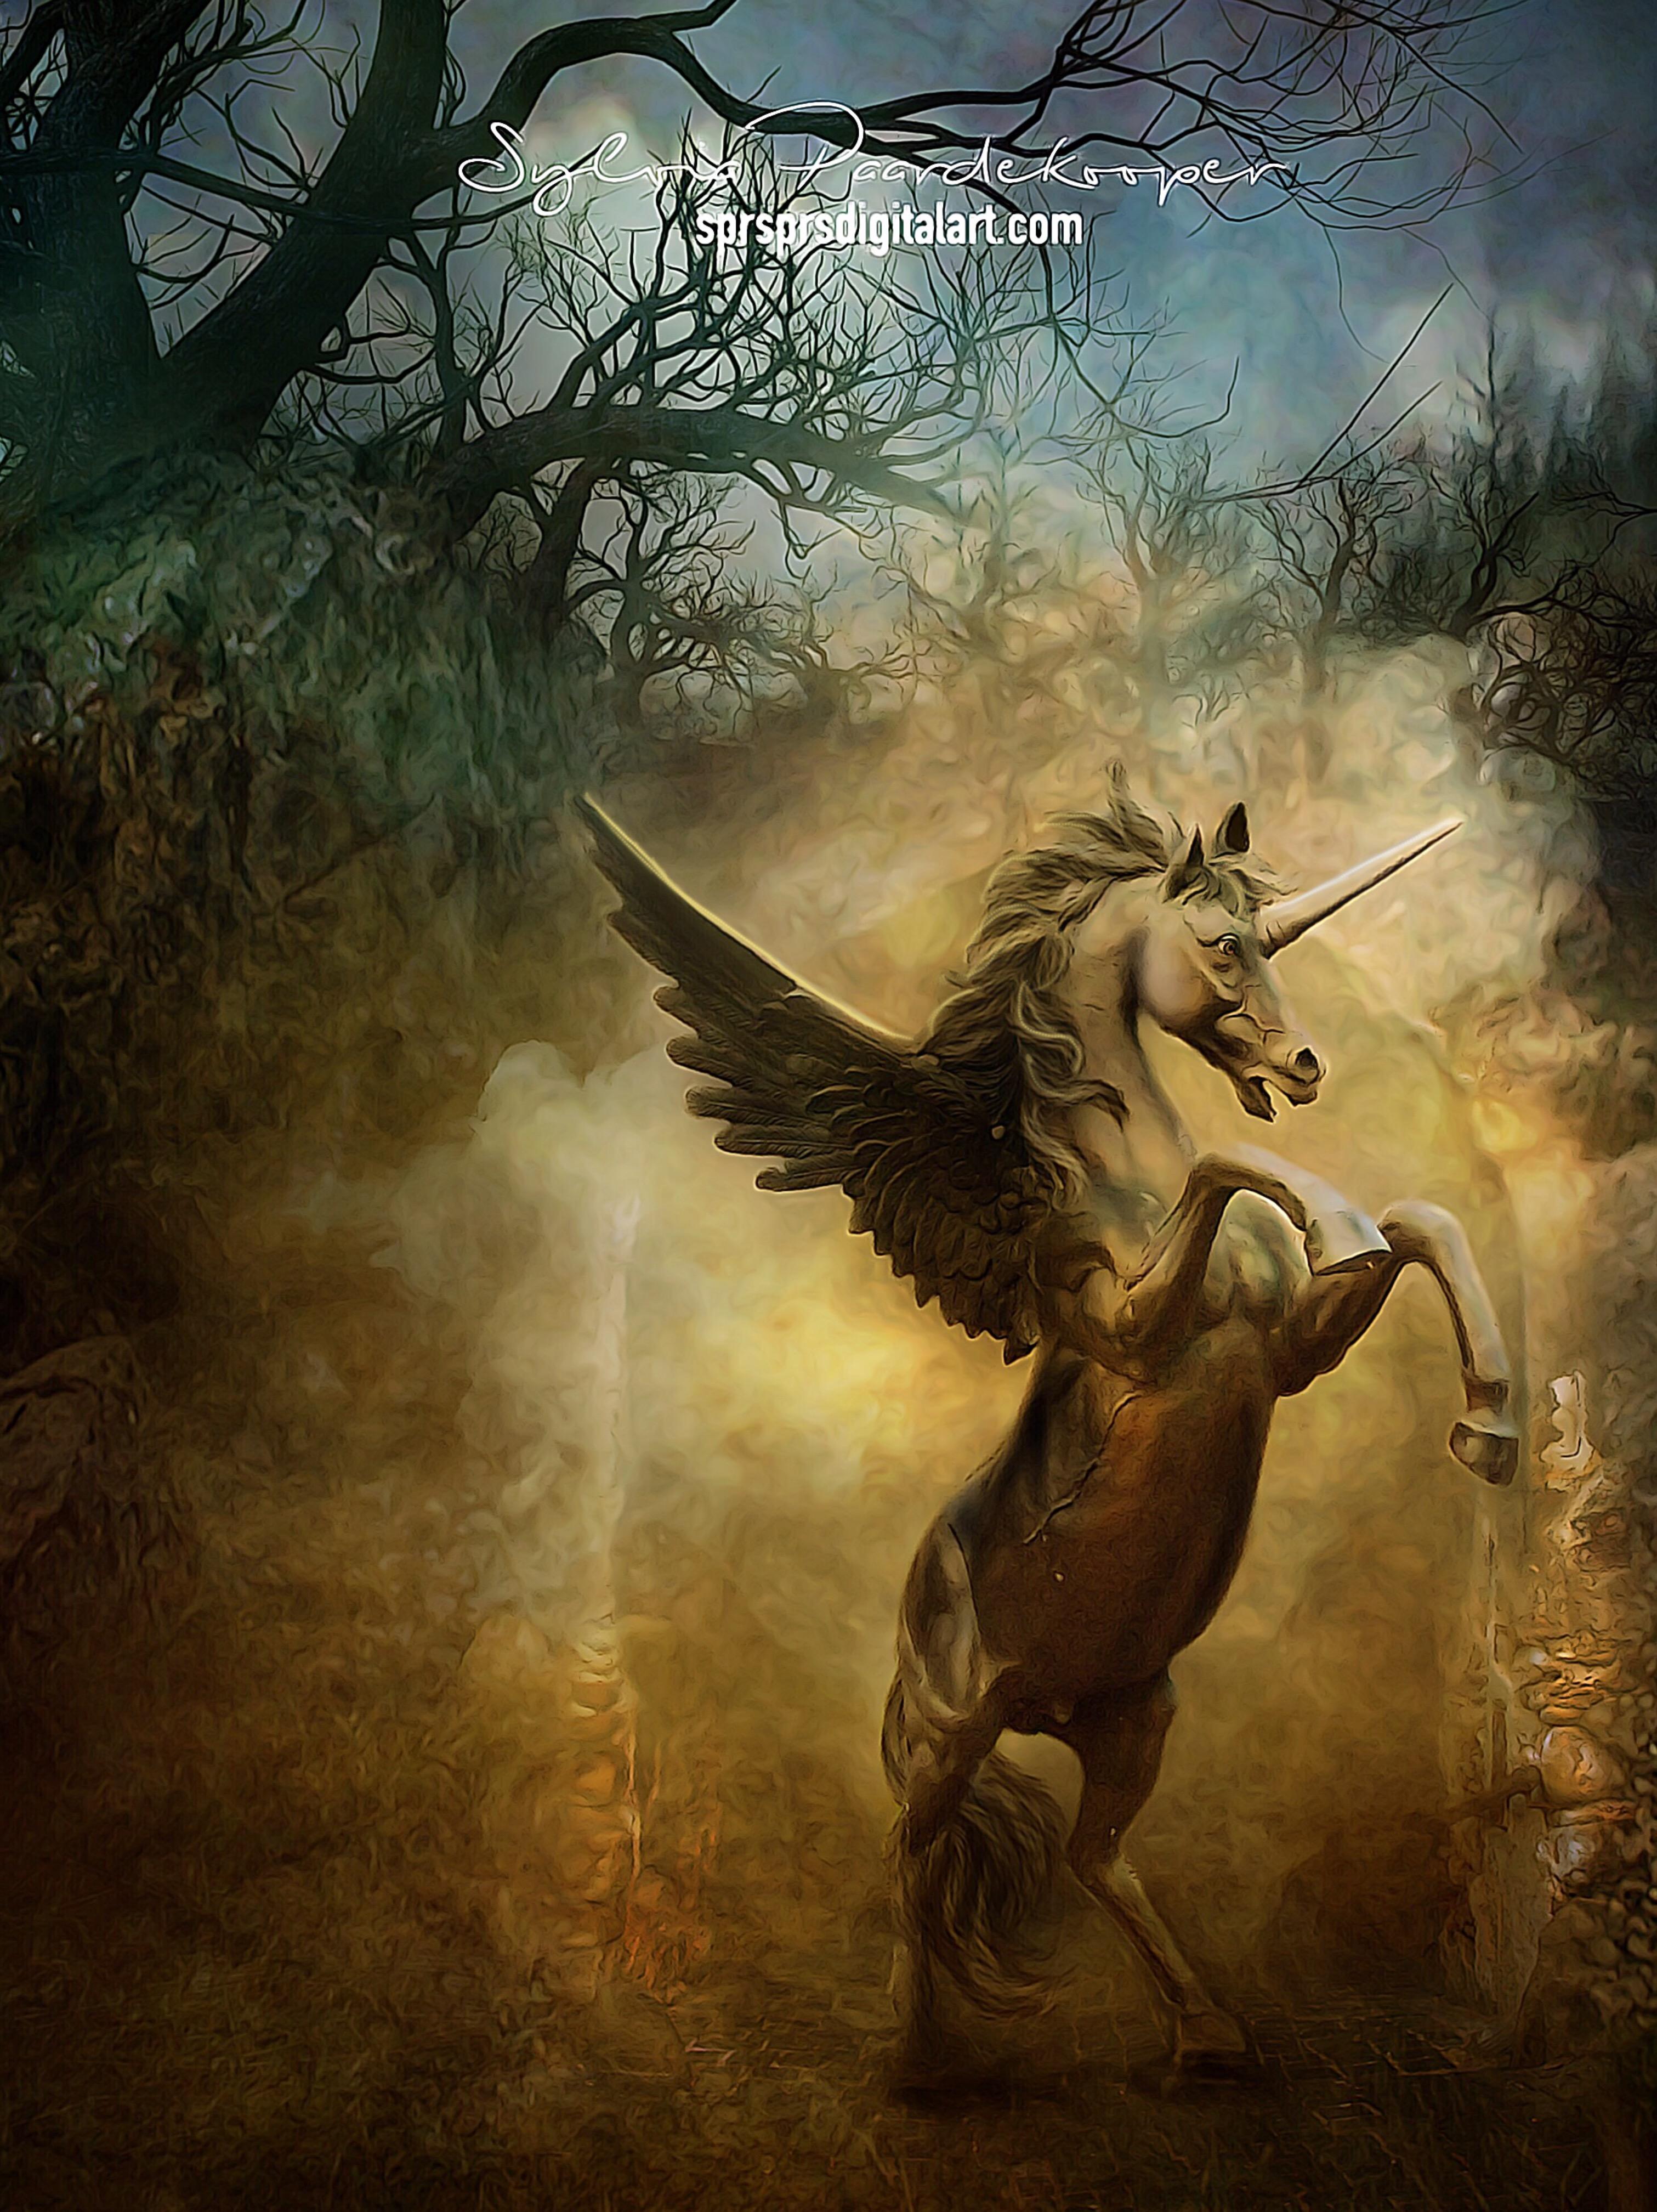 Wild unicorn